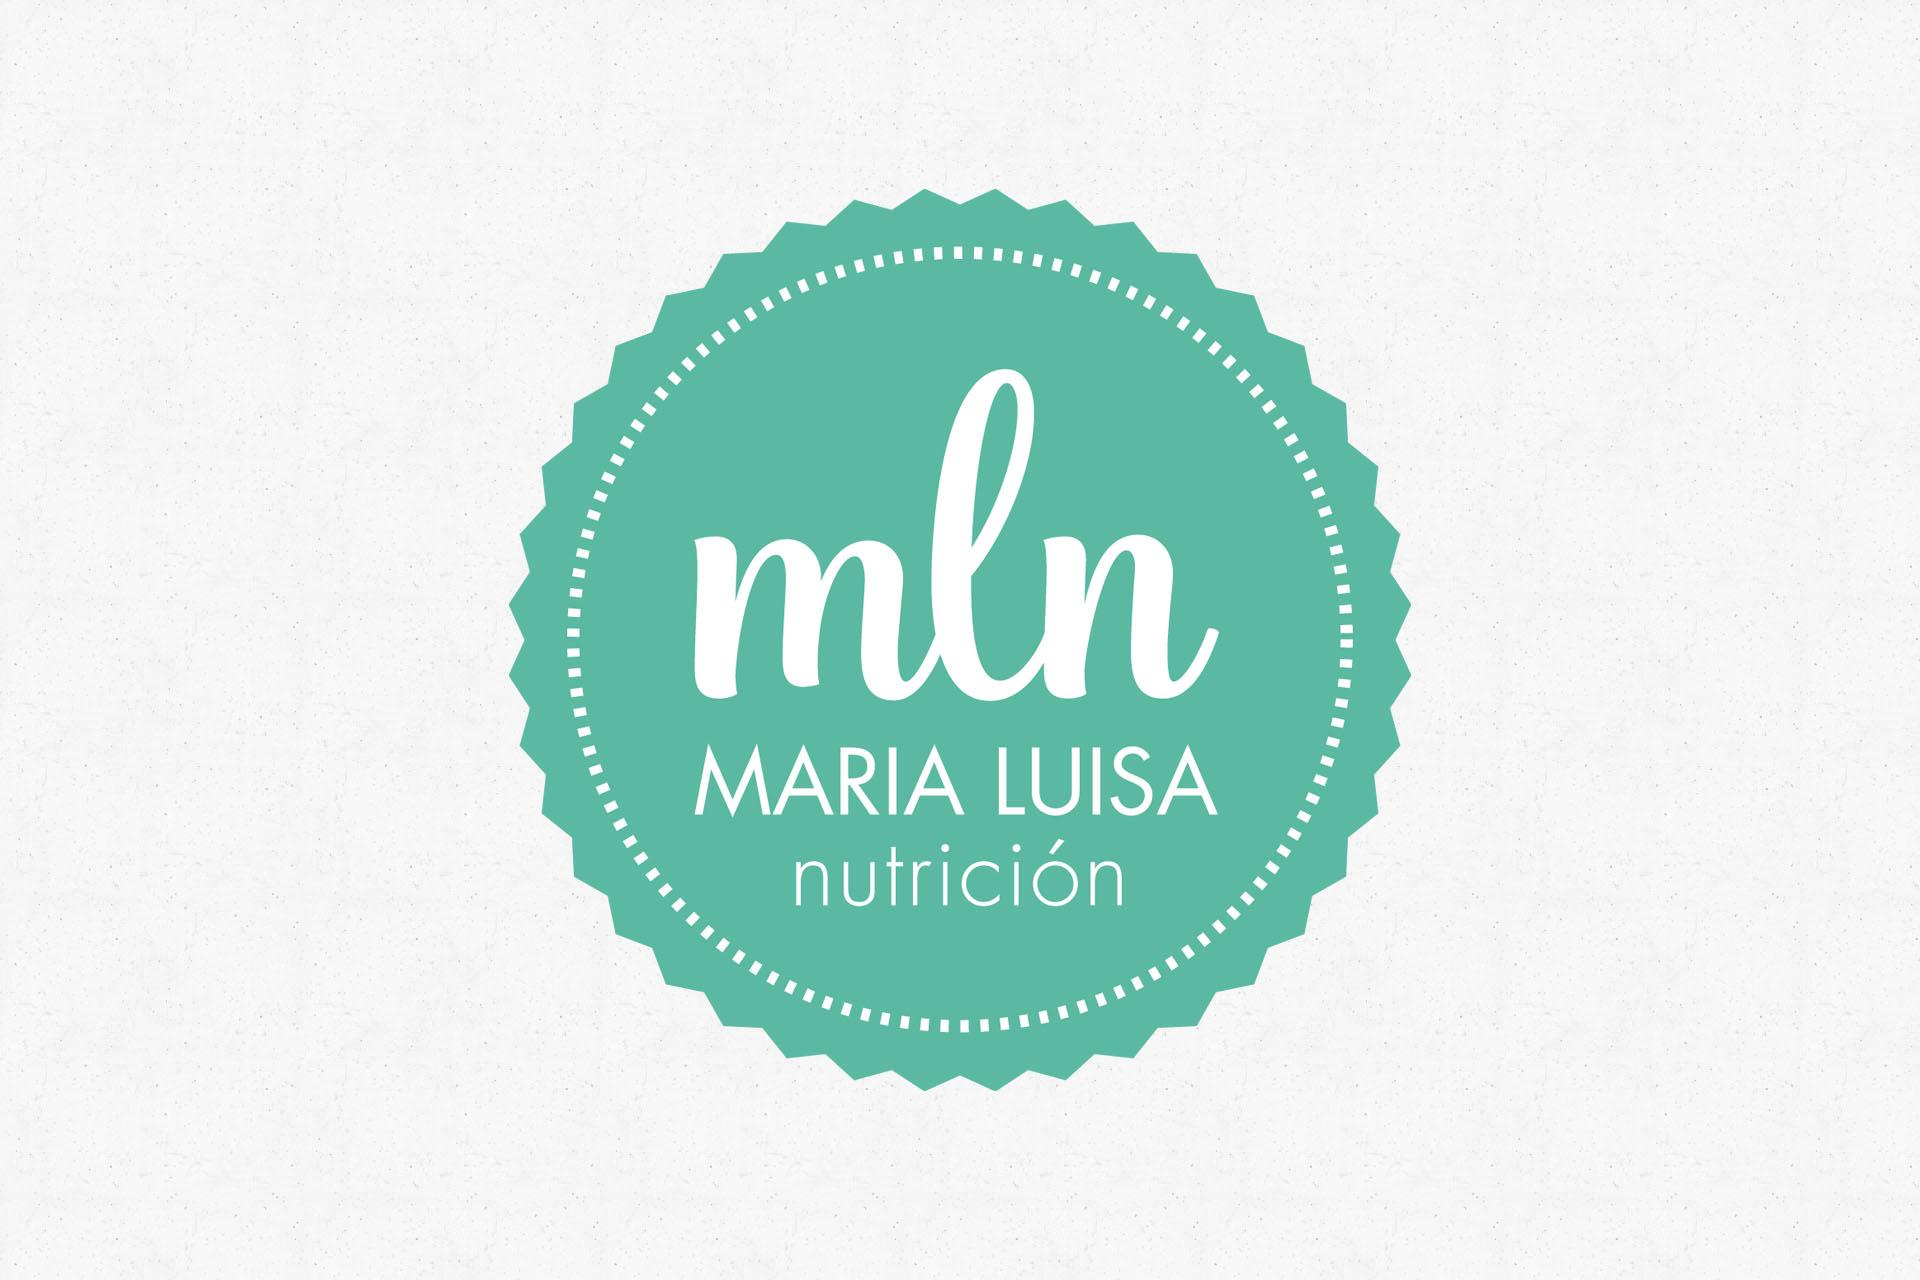 Diseño Logotipo Maria Luisa Nutrición